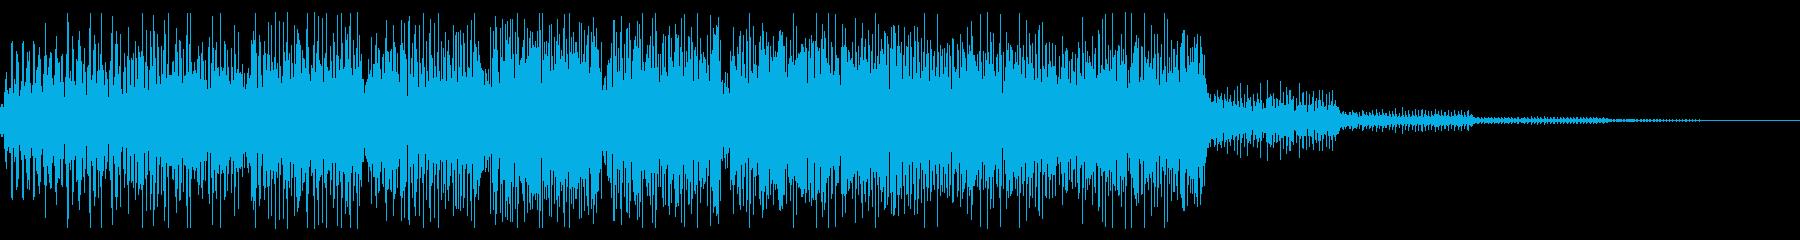 レトロゲーム風 ゲームオーバー ジングルの再生済みの波形